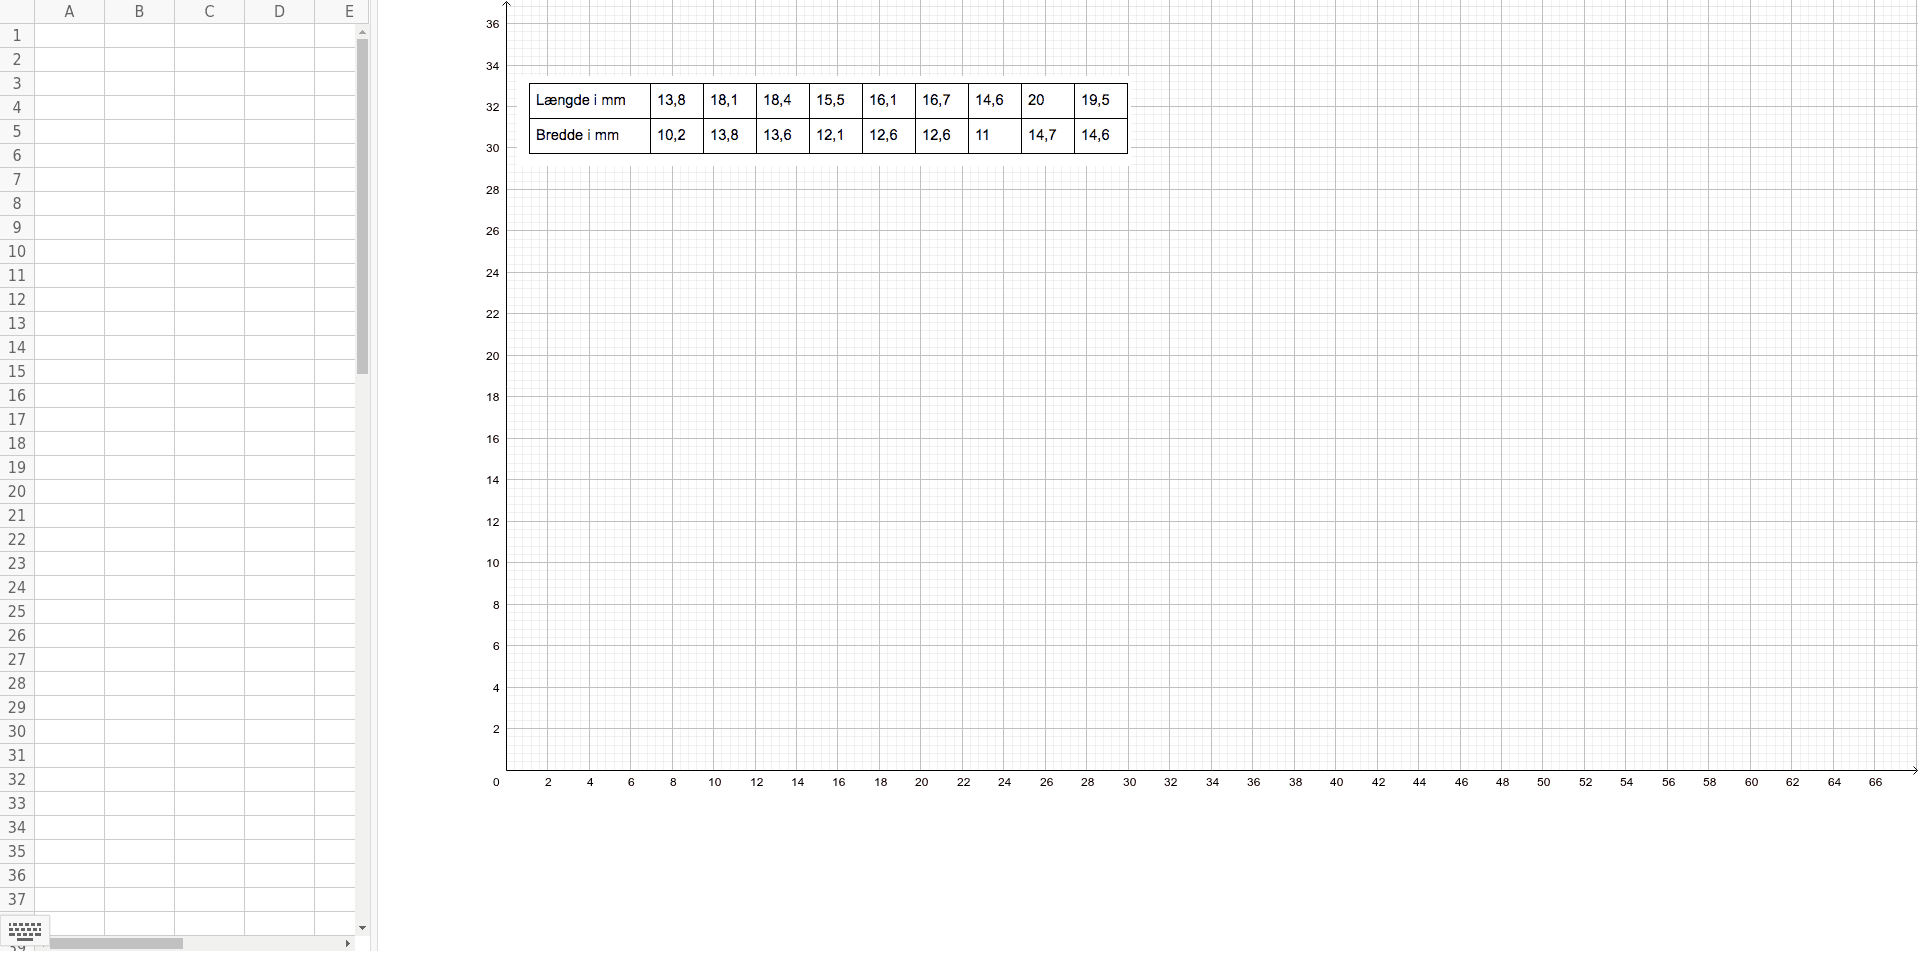 Indsæt data i regnearket og find bedste rette linje